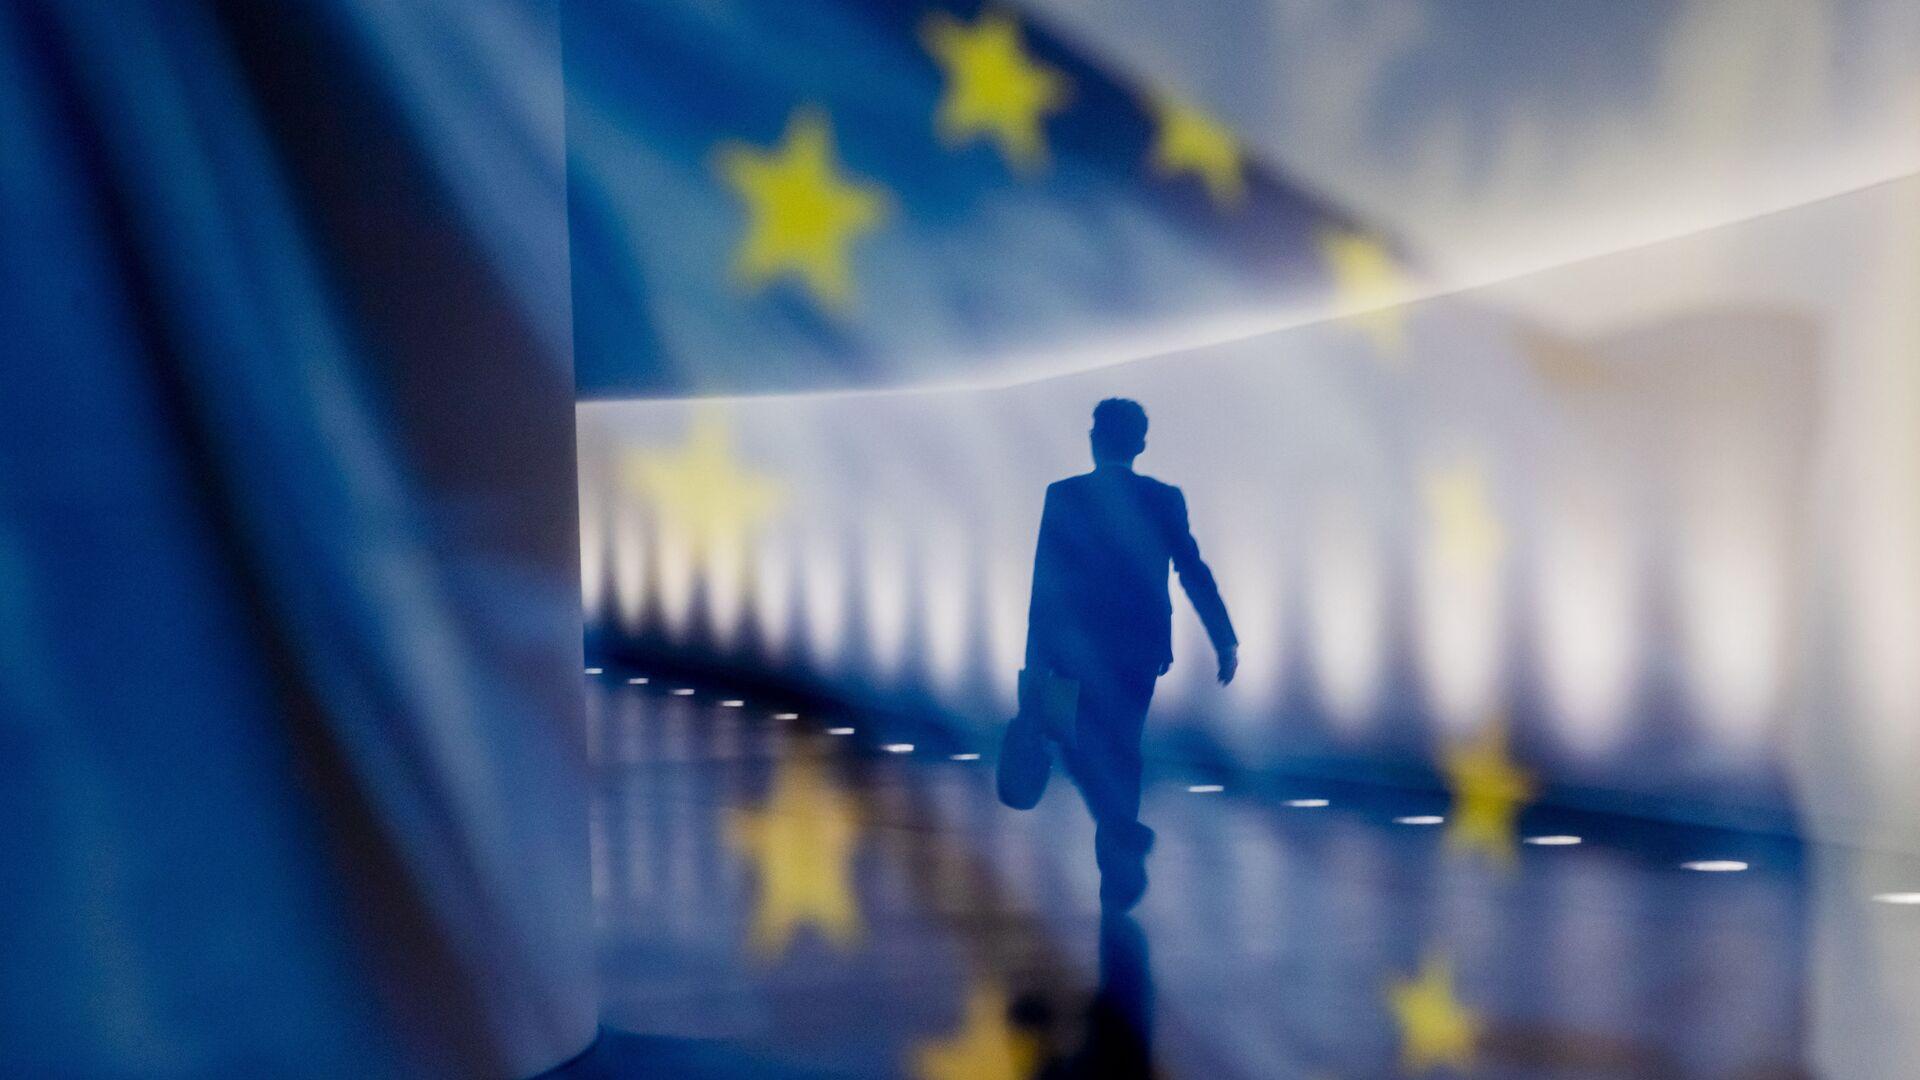 Отражение мужчины на фоне флага ЕС - Sputnik Тоҷикистон, 1920, 07.04.2021